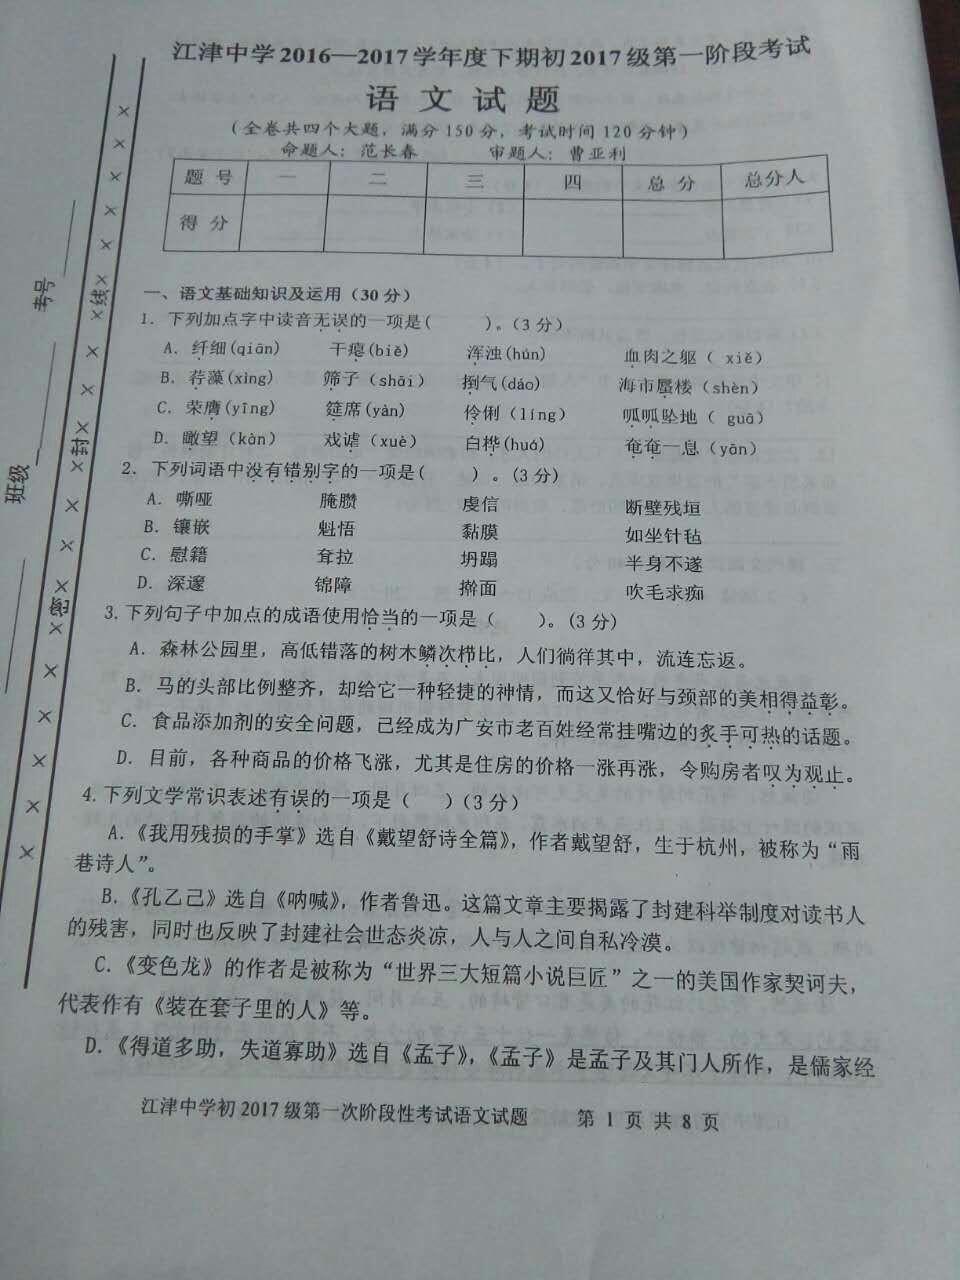 2017重庆江津中学春初三下三月月考语文卷(Word版)